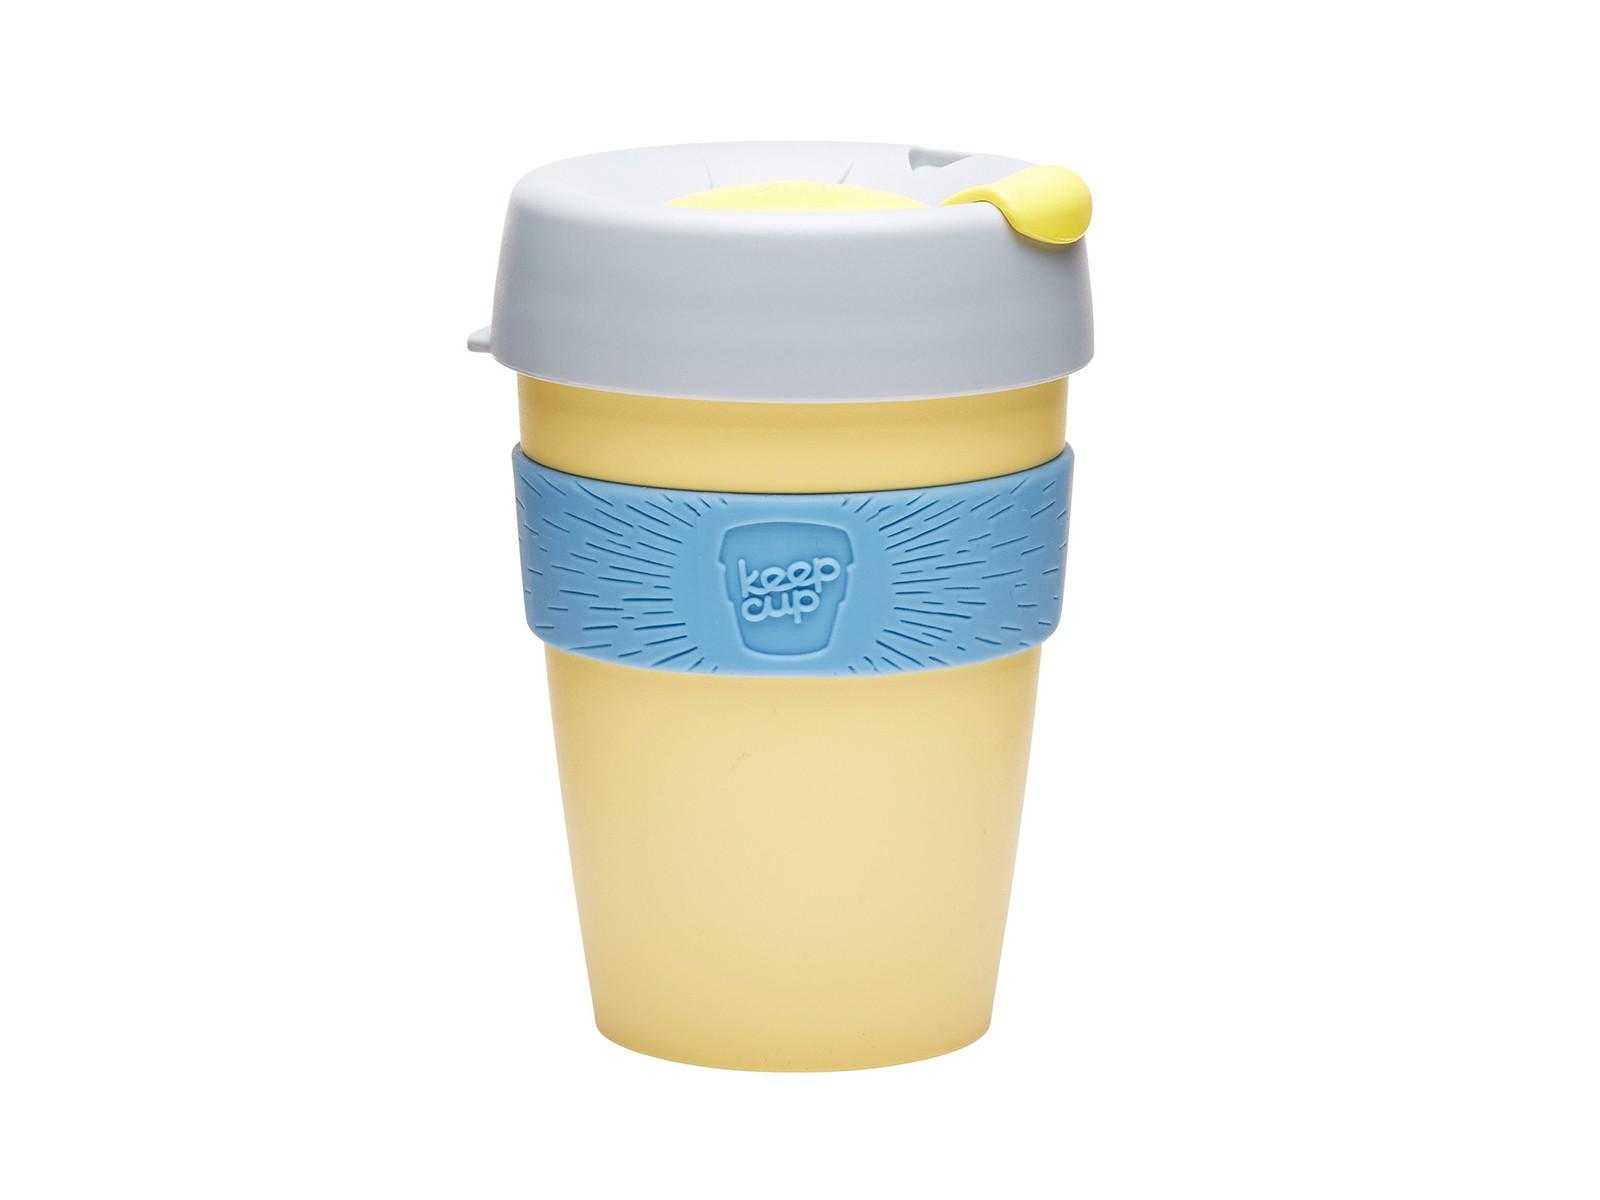 Кружка Keepcup lemonЧайные пары, чашки и кружки<br>Кружка, созданная с мыслями о вас и о планете. Главная идея KeepCup – вдохновить любителей кофе отказаться от использования одноразовых бумажных и пластиковых стаканов, так как их производство и утилизация наносят вред окружающей среде. В год производится и выбрасывается около 500 миллиардов одноразовых стаканчиков, а ведь планета у нас всего одна! <br>Но главный плюс кружки  – привлекательный и яркий дизайн, который станет отражением вашего личного стиля. Берите ее в кафе или наливайте кофе, чай, сок дома, чтобы взять с собой - пить вкусные напитки на ходу, на работе или на пикнике. Специальная крышка с открывающимся и закрывающимся клапаном спасет от брызг, силиконовый ободок поможет не обжечься (плюс, удобно держать кружку в руках), а плотная крышка и толстые стенки сохранят напиток теплым в течение 20~30 минут. <br>Кружка сделана из нетоксичного пластика без содержания вредного бисфенола (BPA-free). Можно использовать в микроволновке и мыть в посудомоечной машине.&amp;amp;nbsp;&amp;lt;div&amp;gt;&amp;lt;br&amp;gt;&amp;lt;/div&amp;gt;&amp;lt;div&amp;gt;Объем: 340 мл.&amp;lt;br&amp;gt;&amp;lt;/div&amp;gt;<br><br>Material: Пластик<br>Высота см: 13